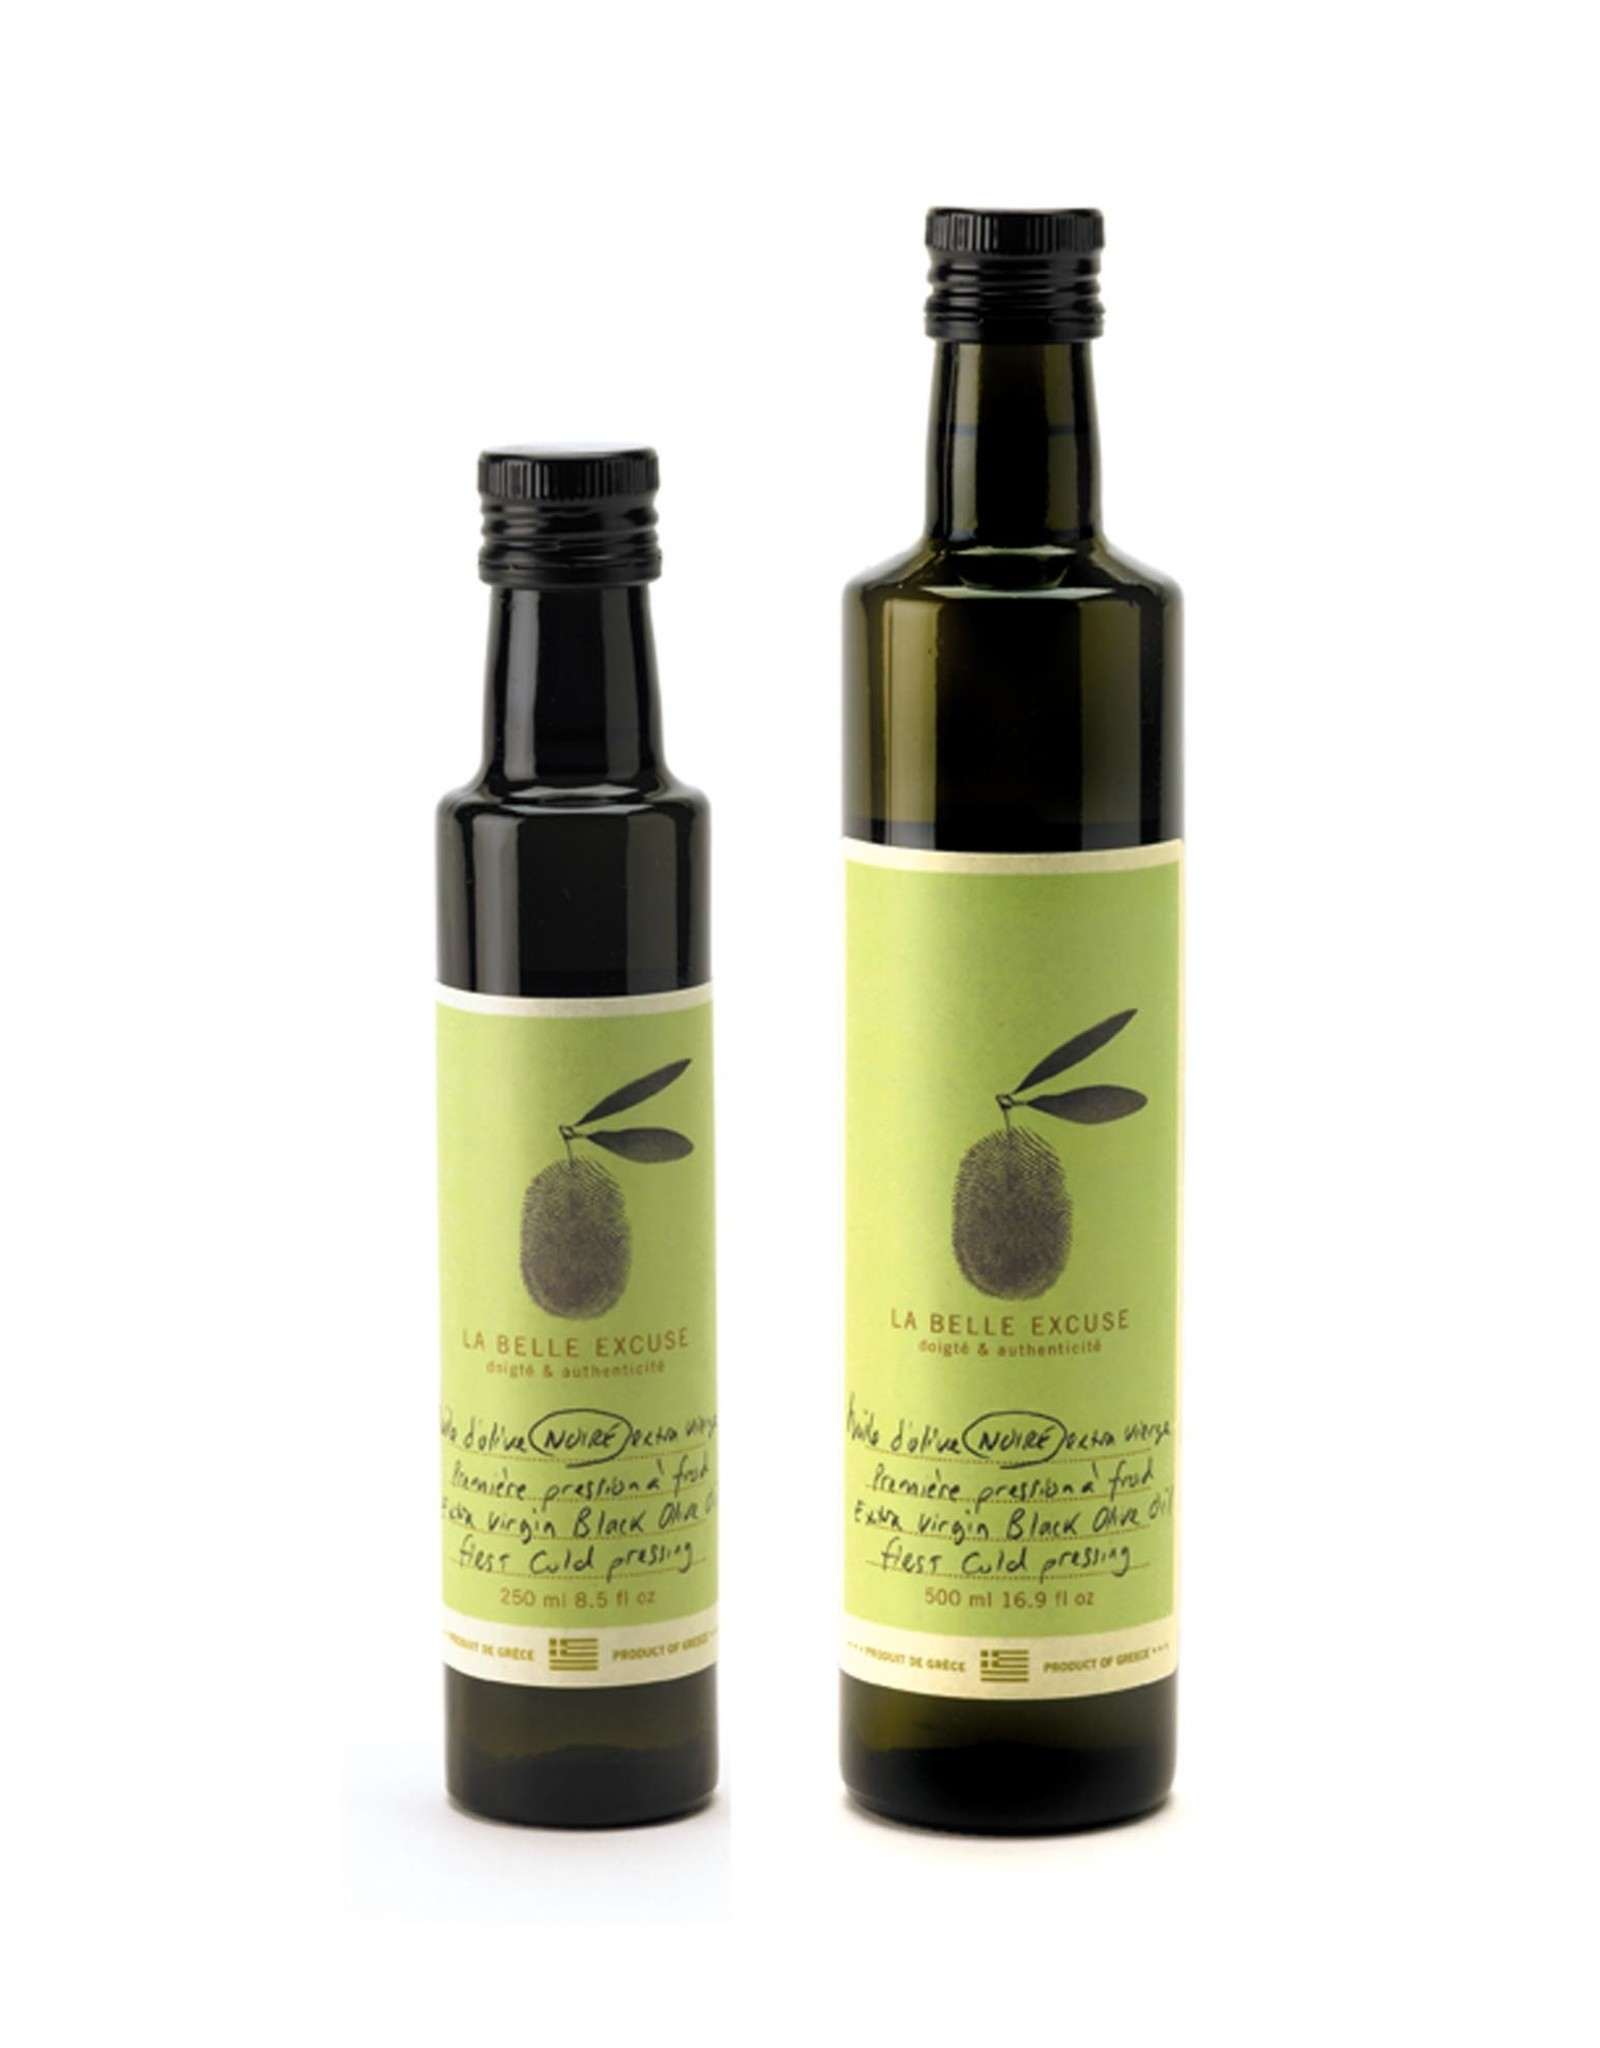 La Belle Excuse - Huile d'olives noires 500 ml